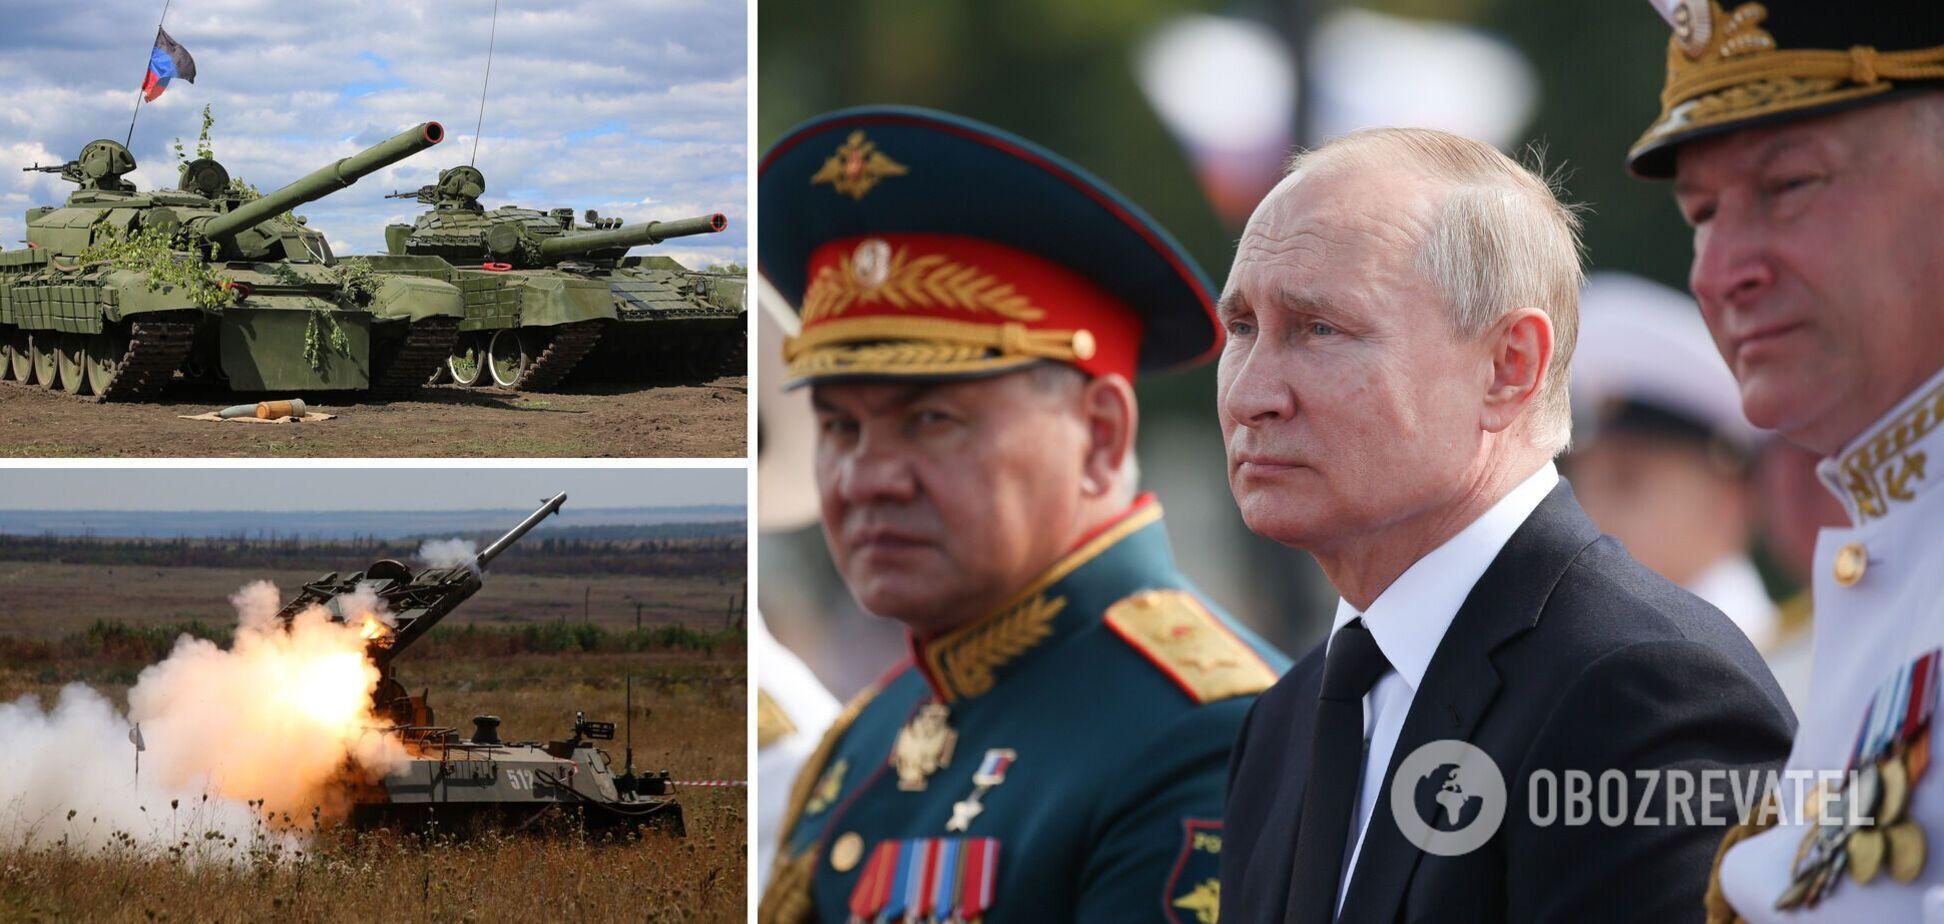 Казанский: Кремль готов идти на большие потери на Донбассе, наемников не жалко